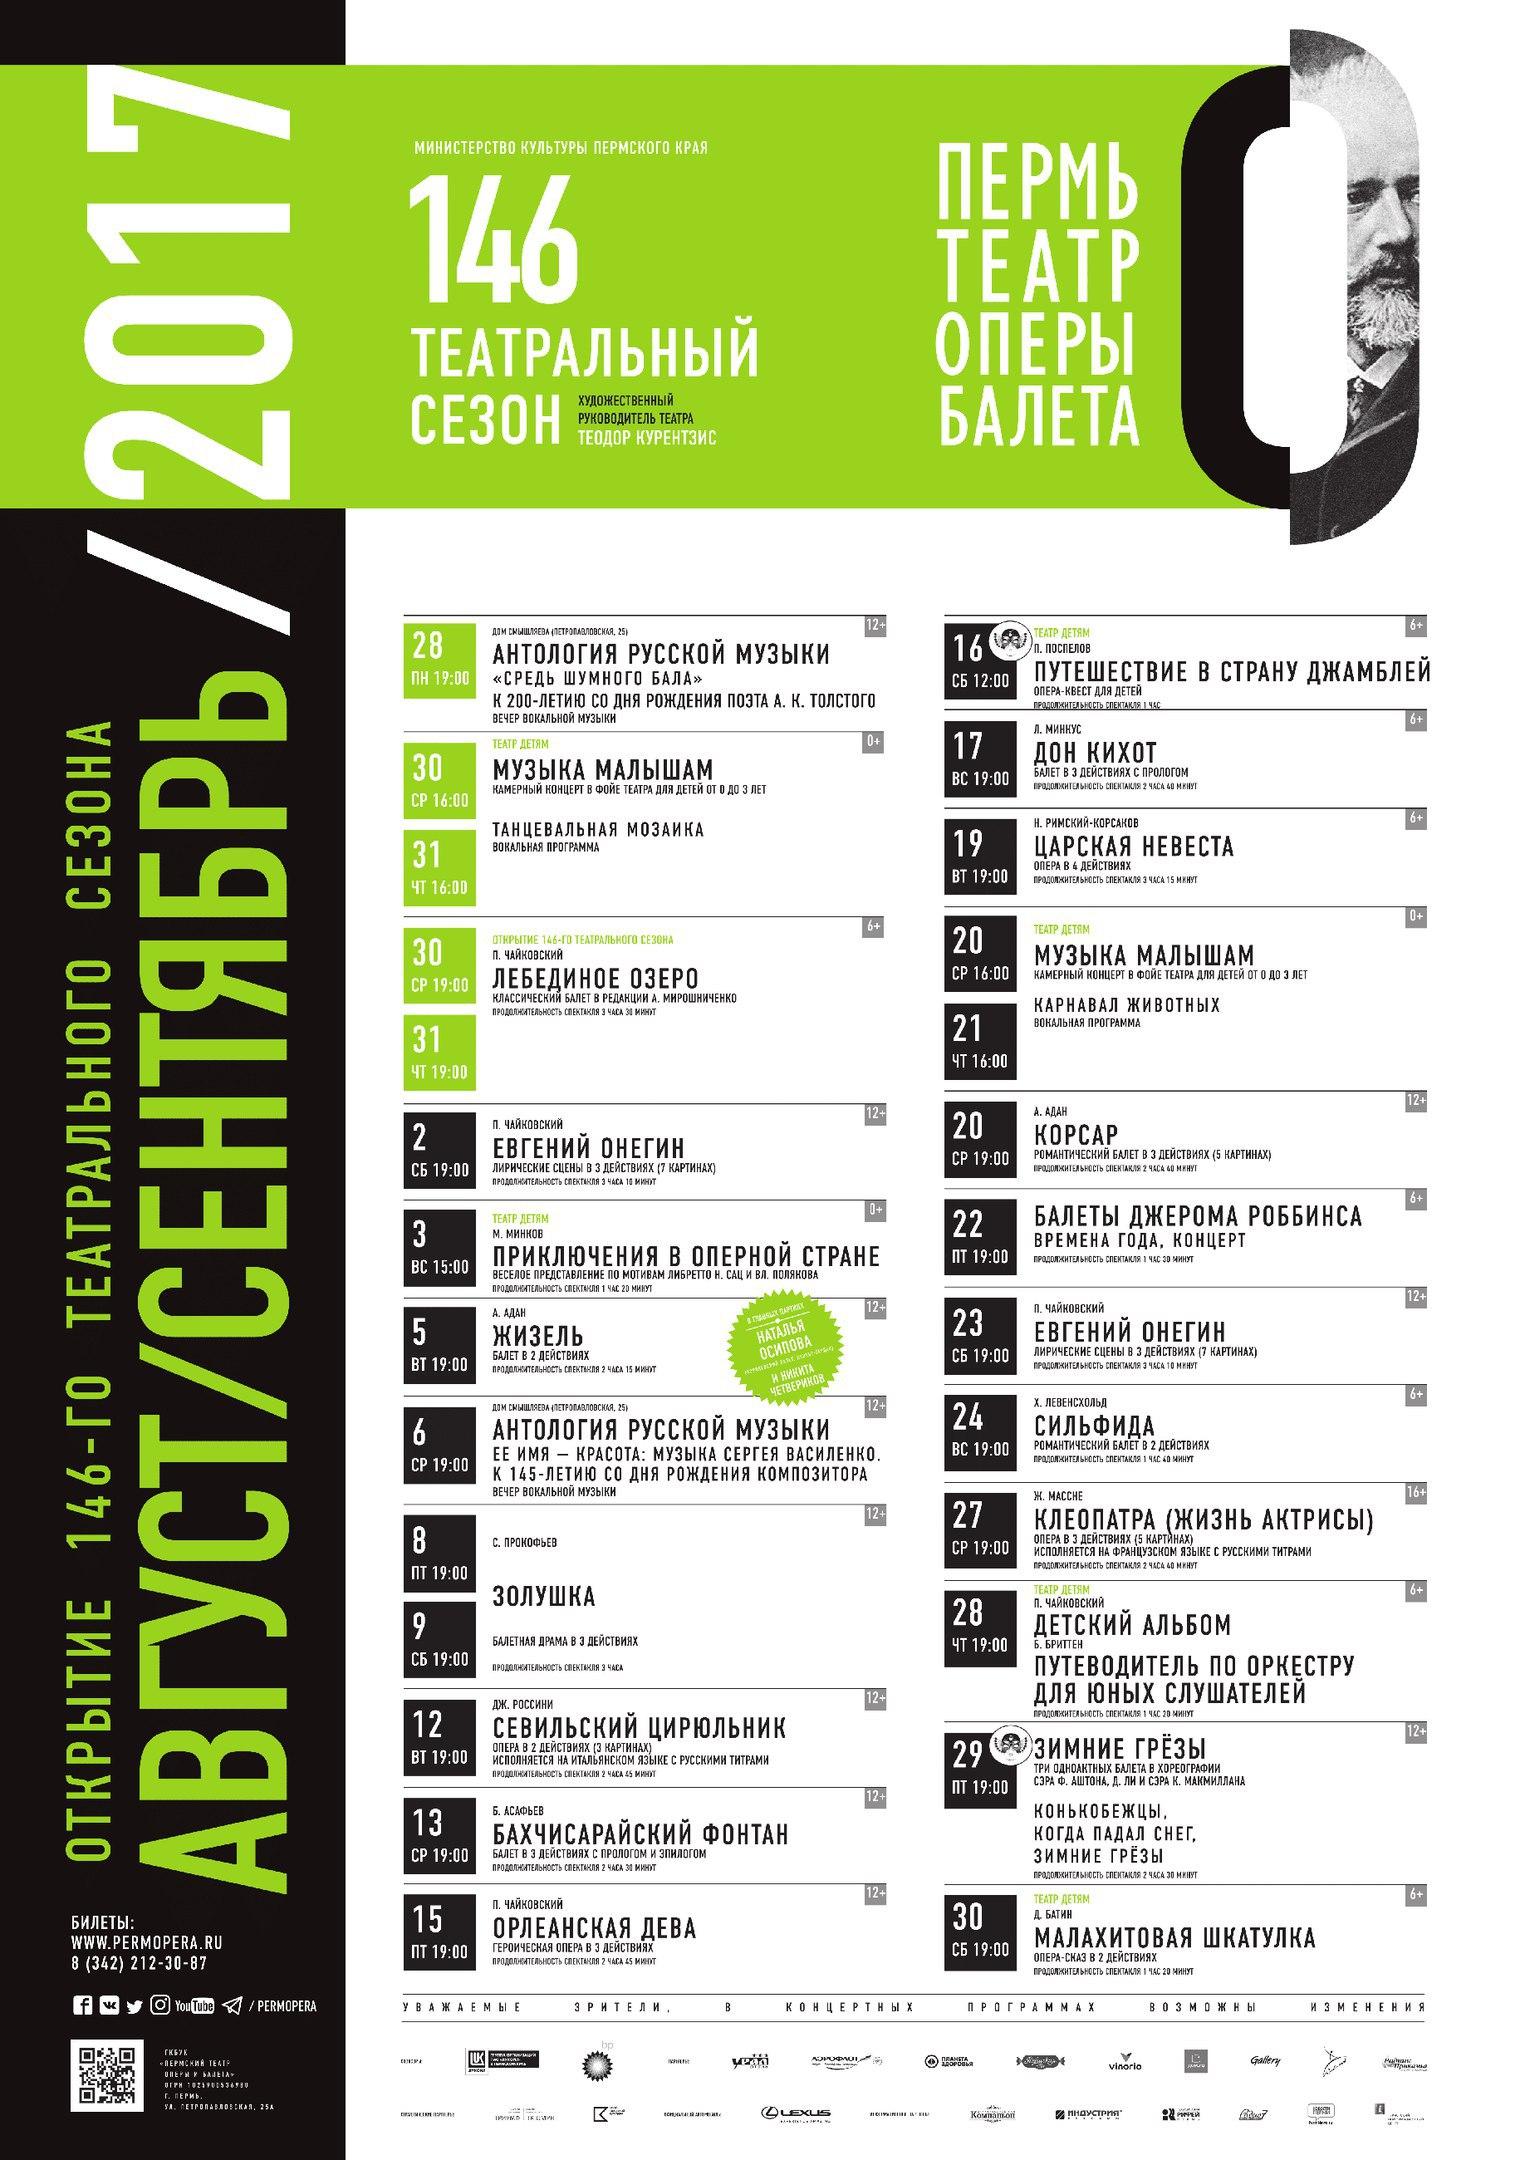 Театры перми афиши билеты в театры москвы по социальной карте